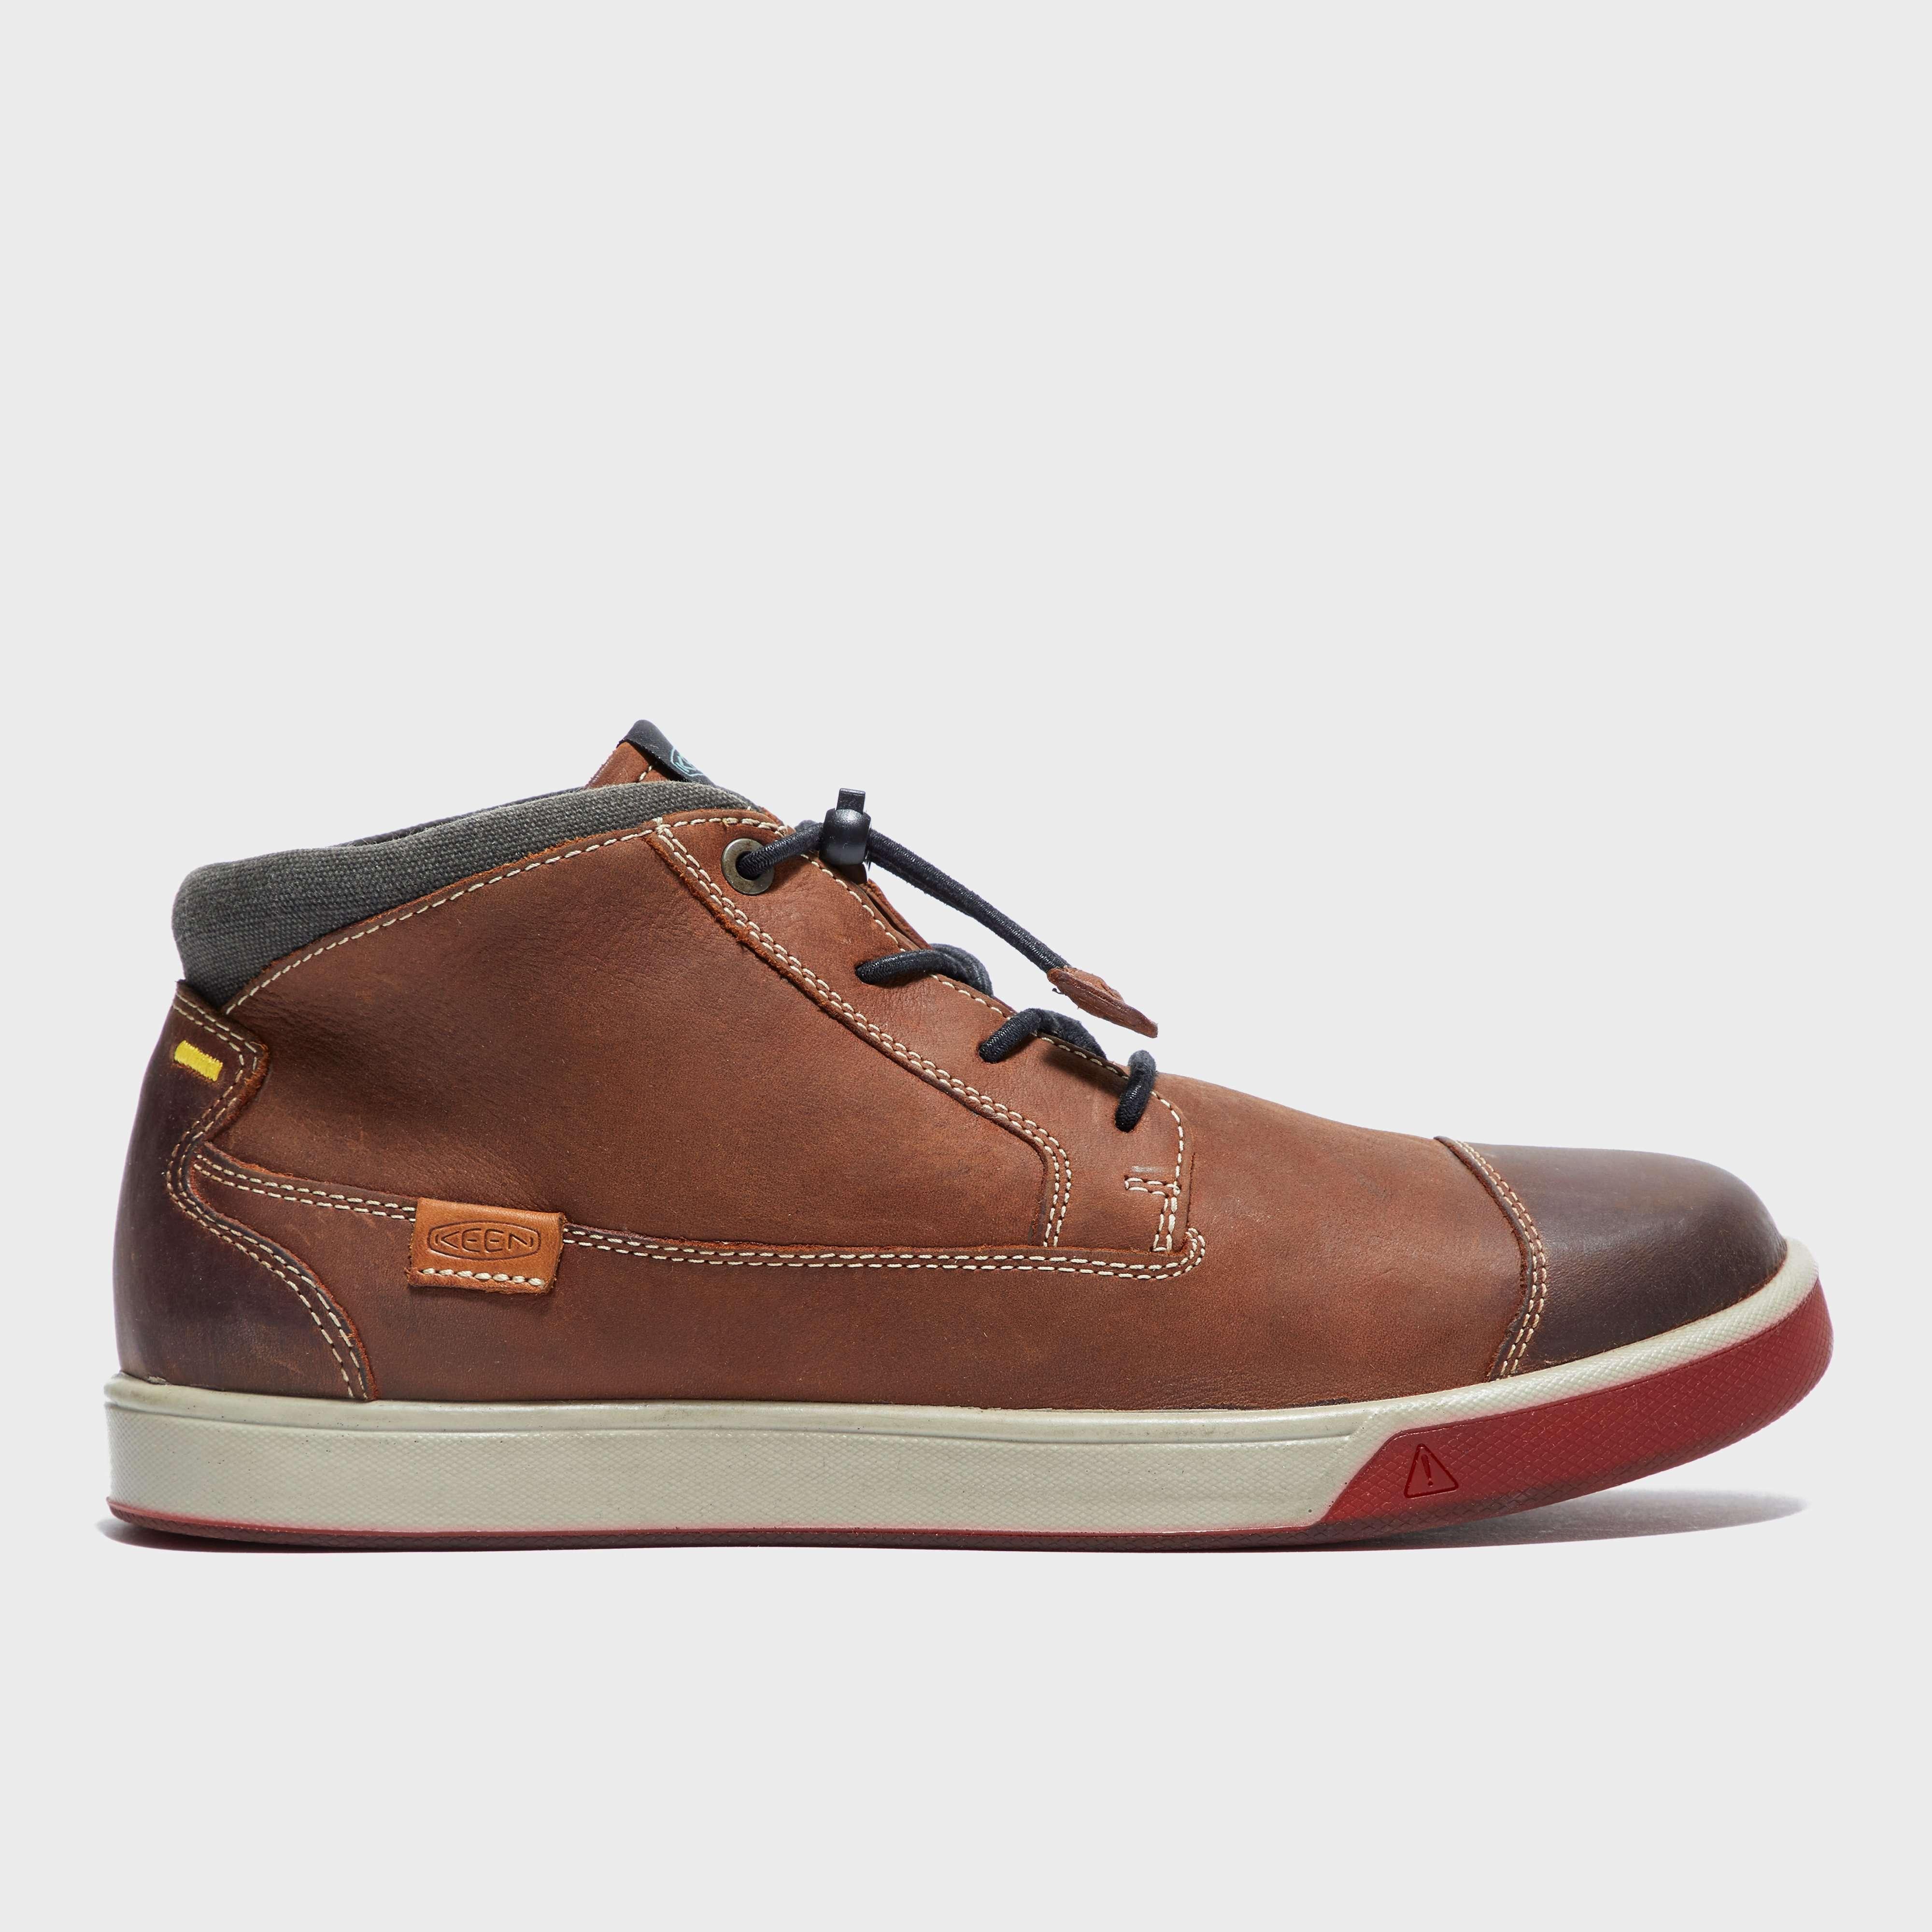 KEEN Men's Glenhaven Shoes